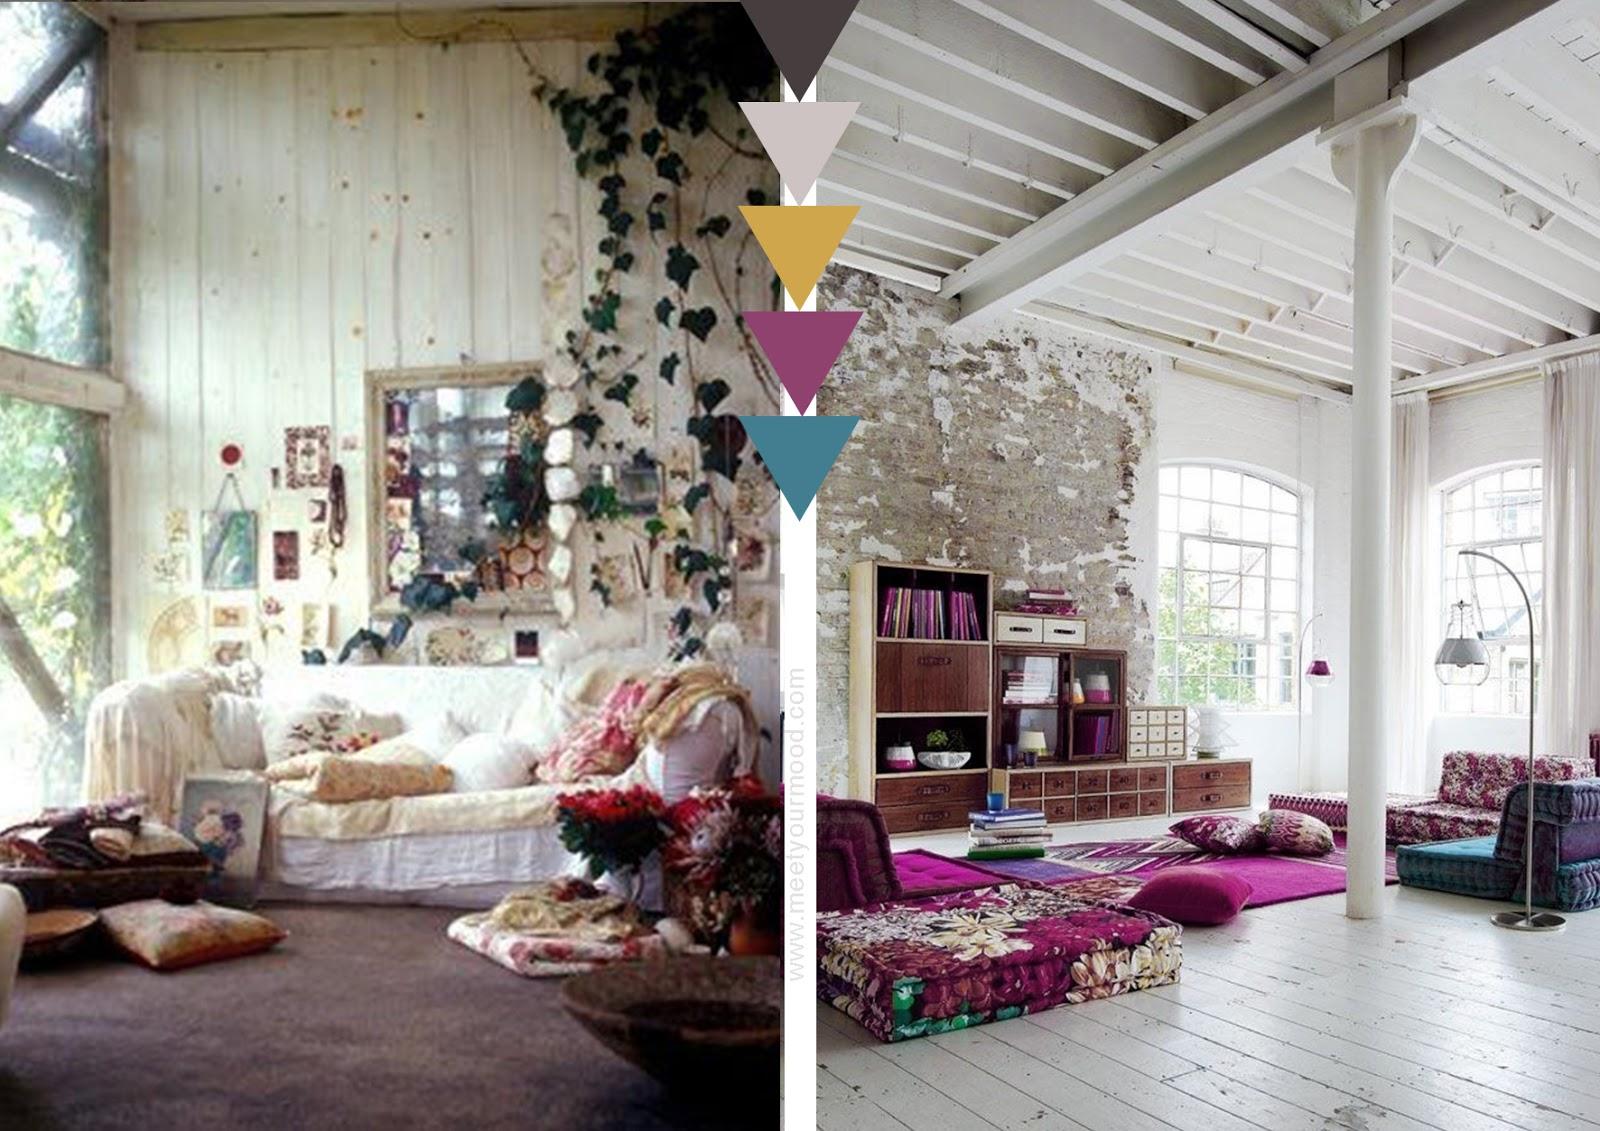 Bohemien uno stile libero architettura e design a roma for Boho style arredamento